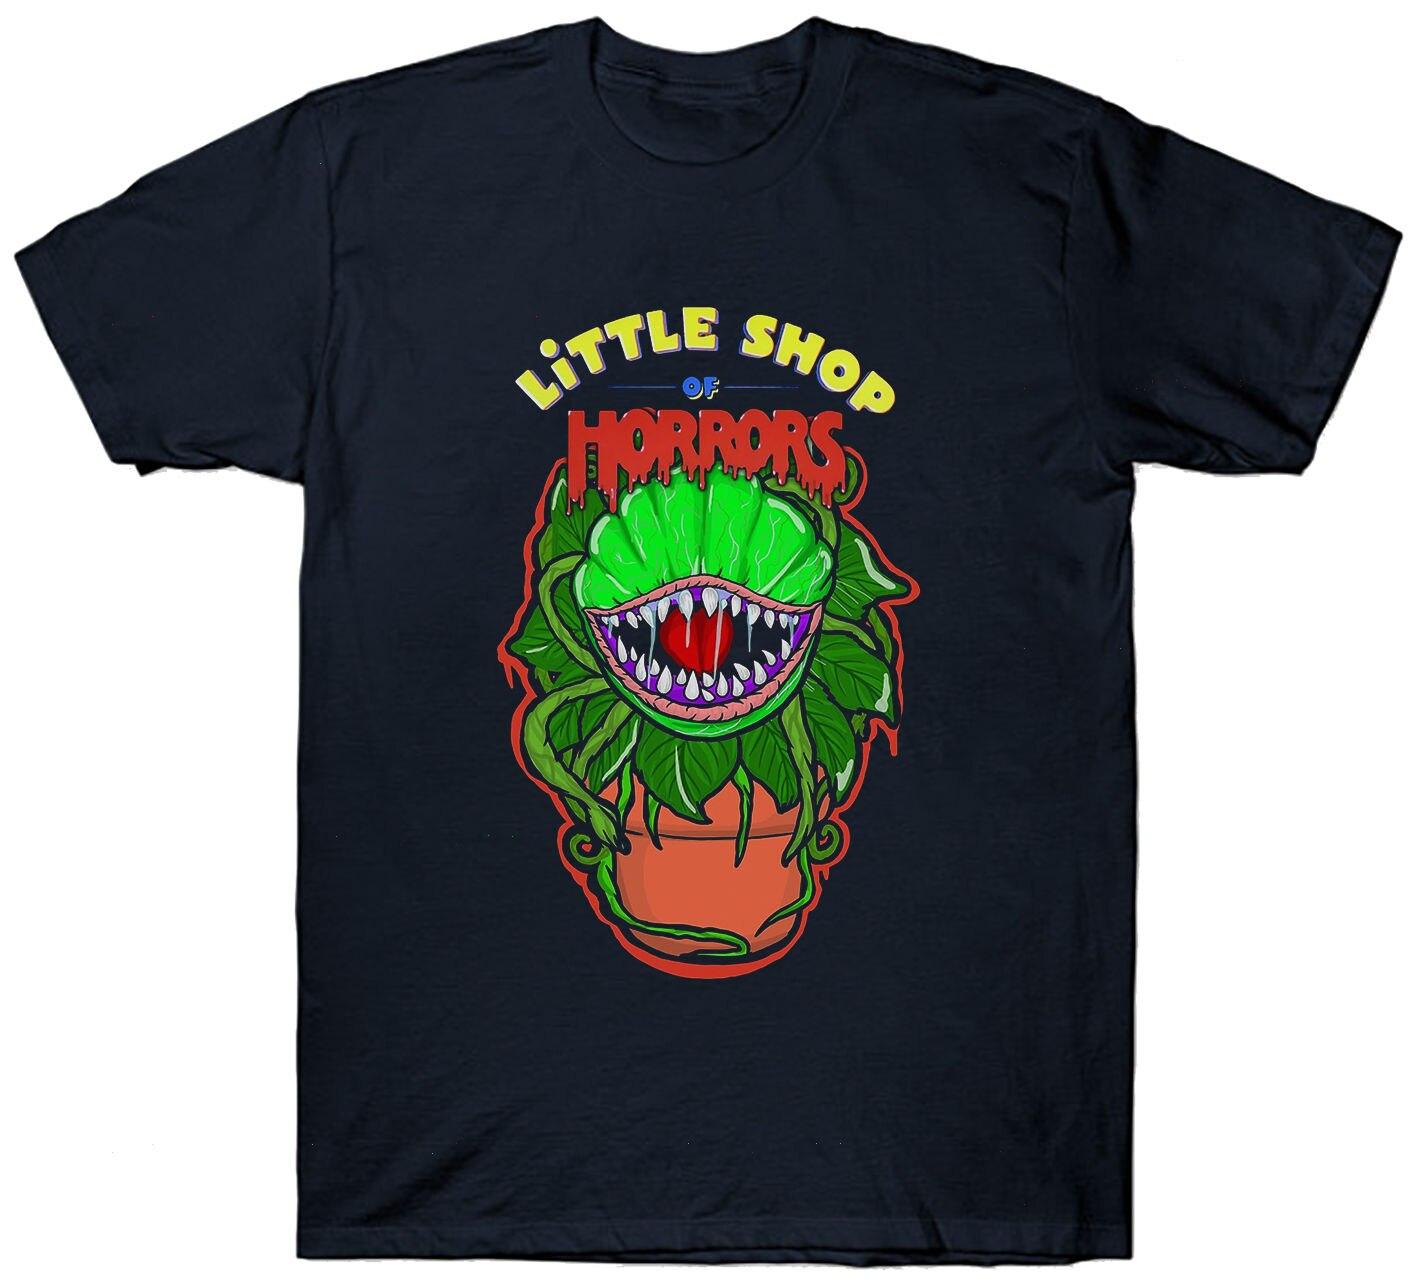 LITTLE SHOP OF HORRORS T SHIRT TOP CULT FILM MOVIE 1980S FAN HORROR SCI FI T-Shirt Summer Novelty Cartoon T Shirt